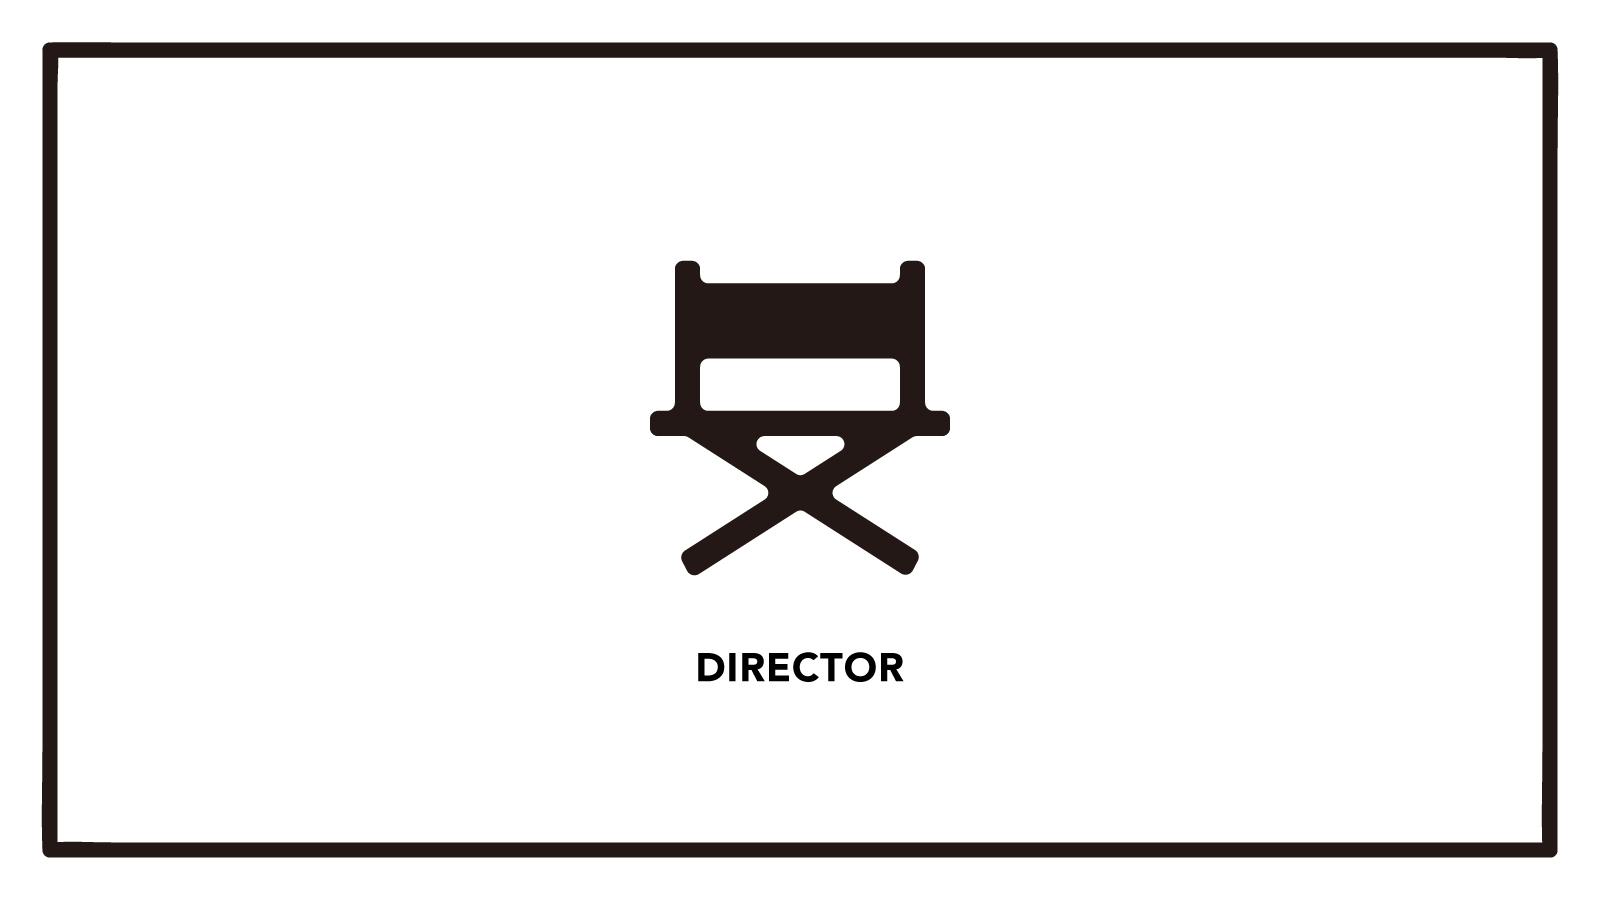 【部長・事業部長を募集】大手企業のソリューション事業部で新たなスタートを!◆のカバー写真